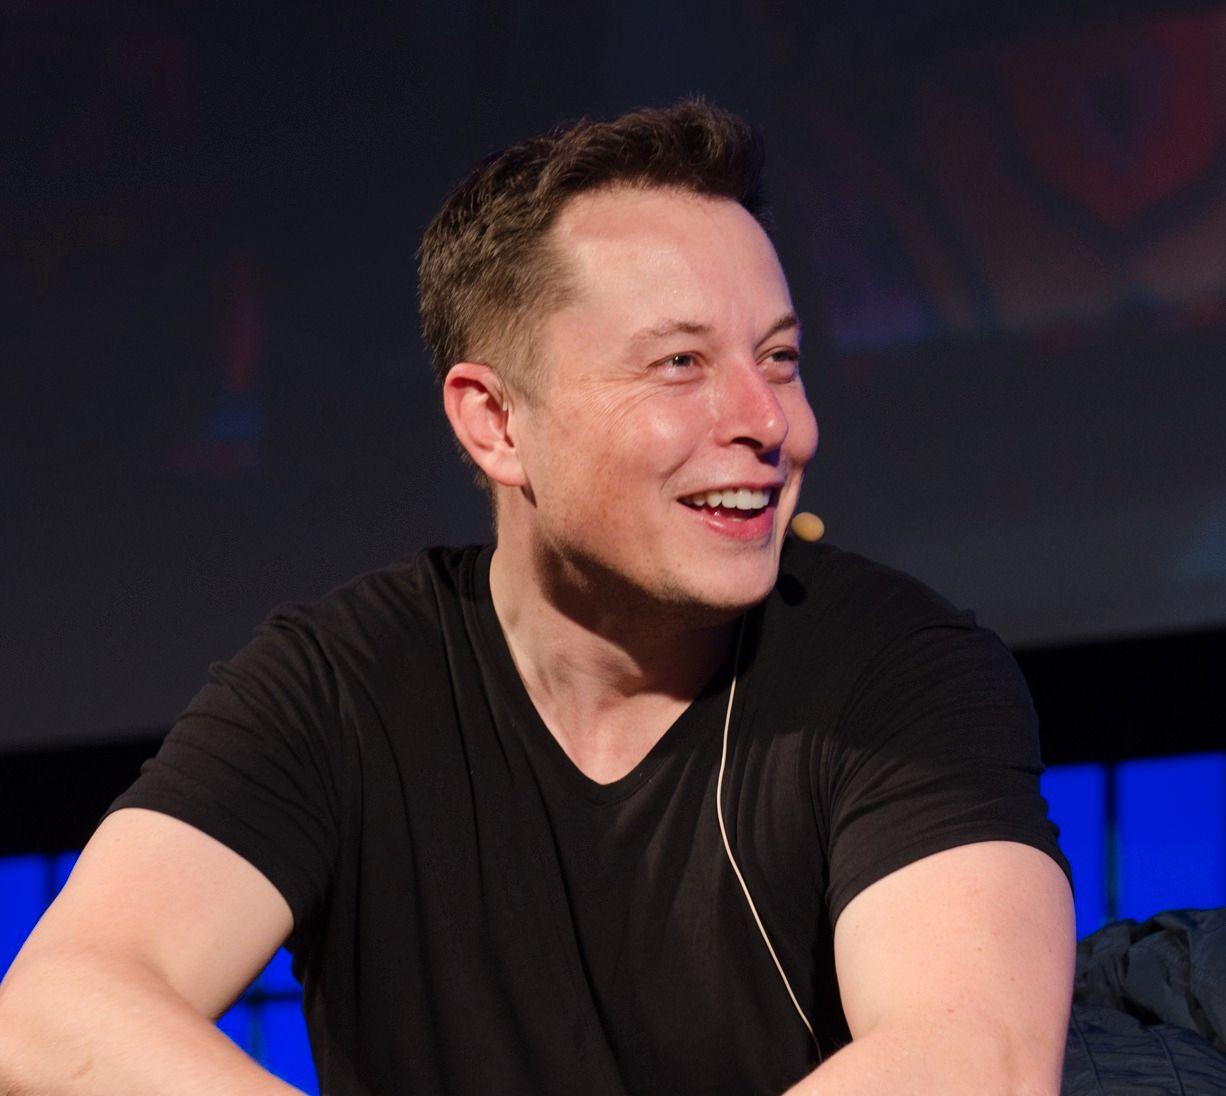 Elon Musk har planer om å koble hele verden på høyhastighetsnett med satellitter.